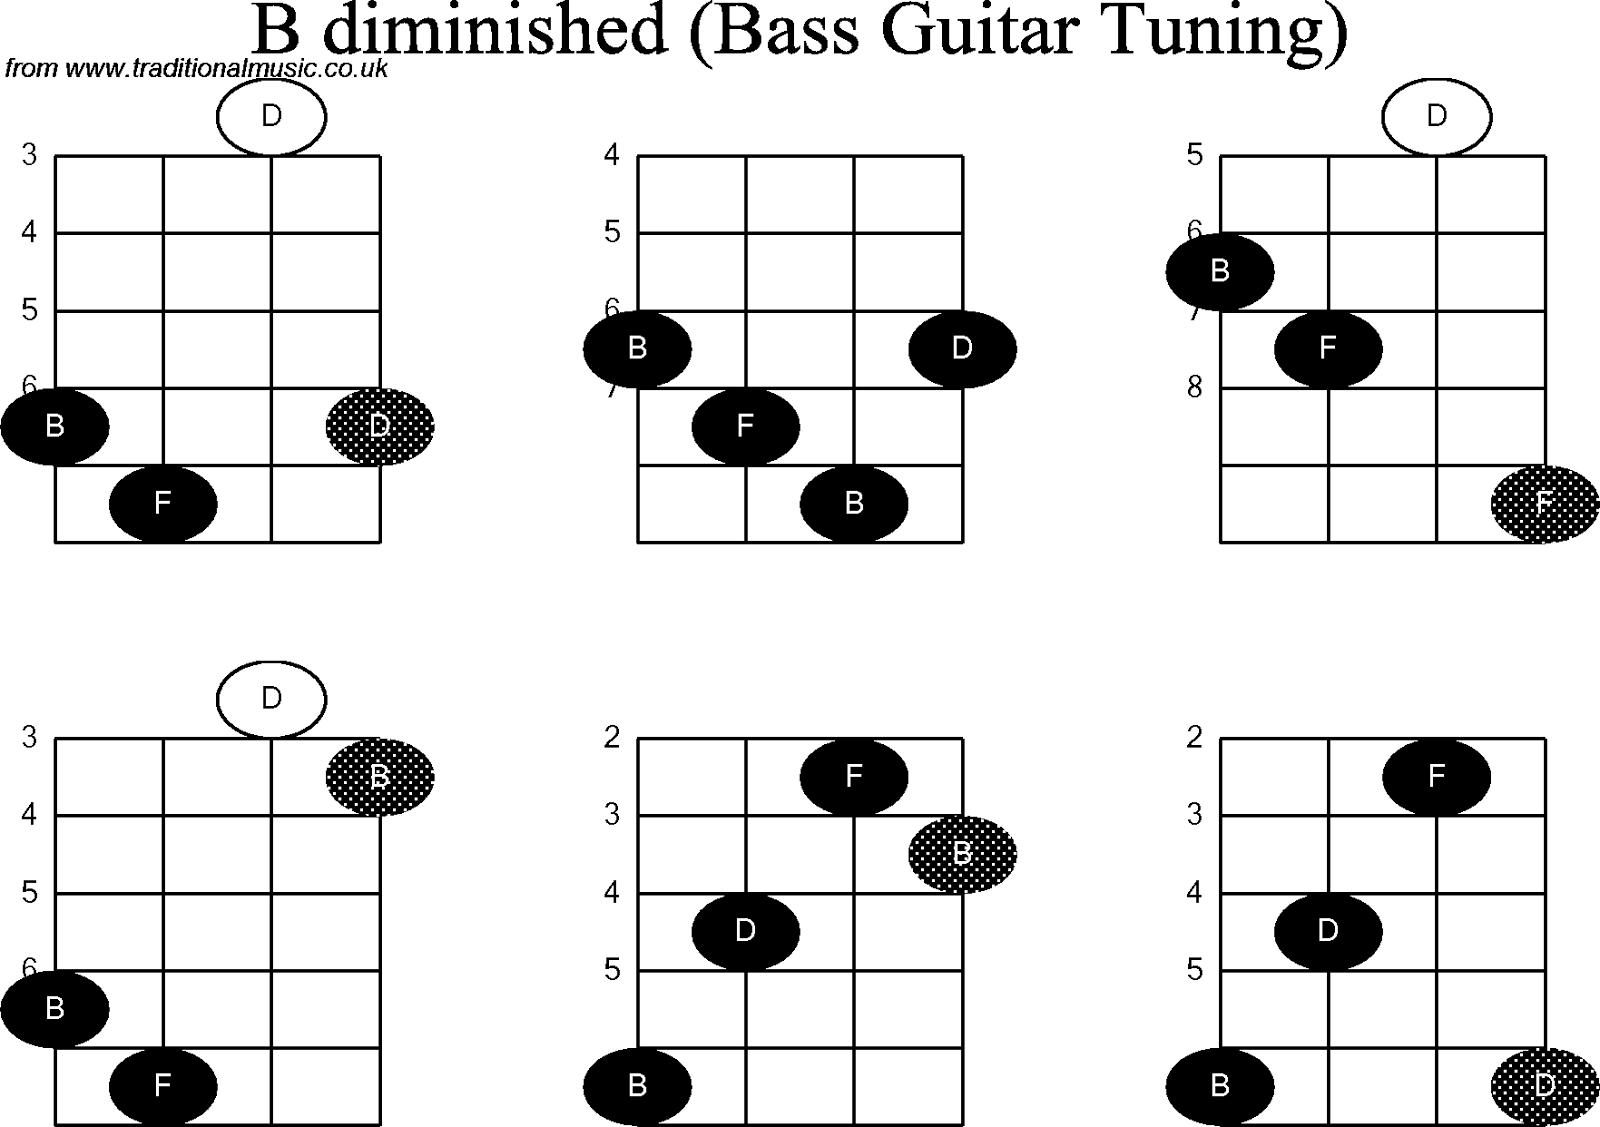 Kunci Bass Gitar C Chords Kunci Gitar Bass D Chords Kunci